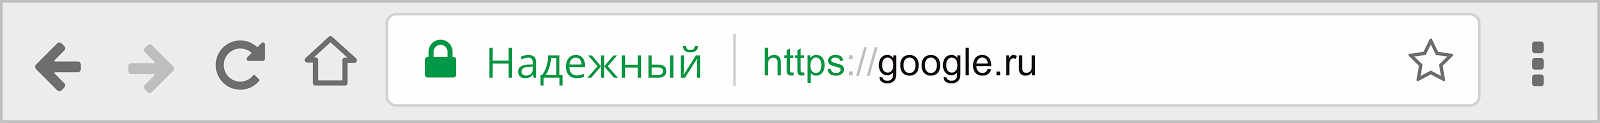 Надежный сайт в браузере